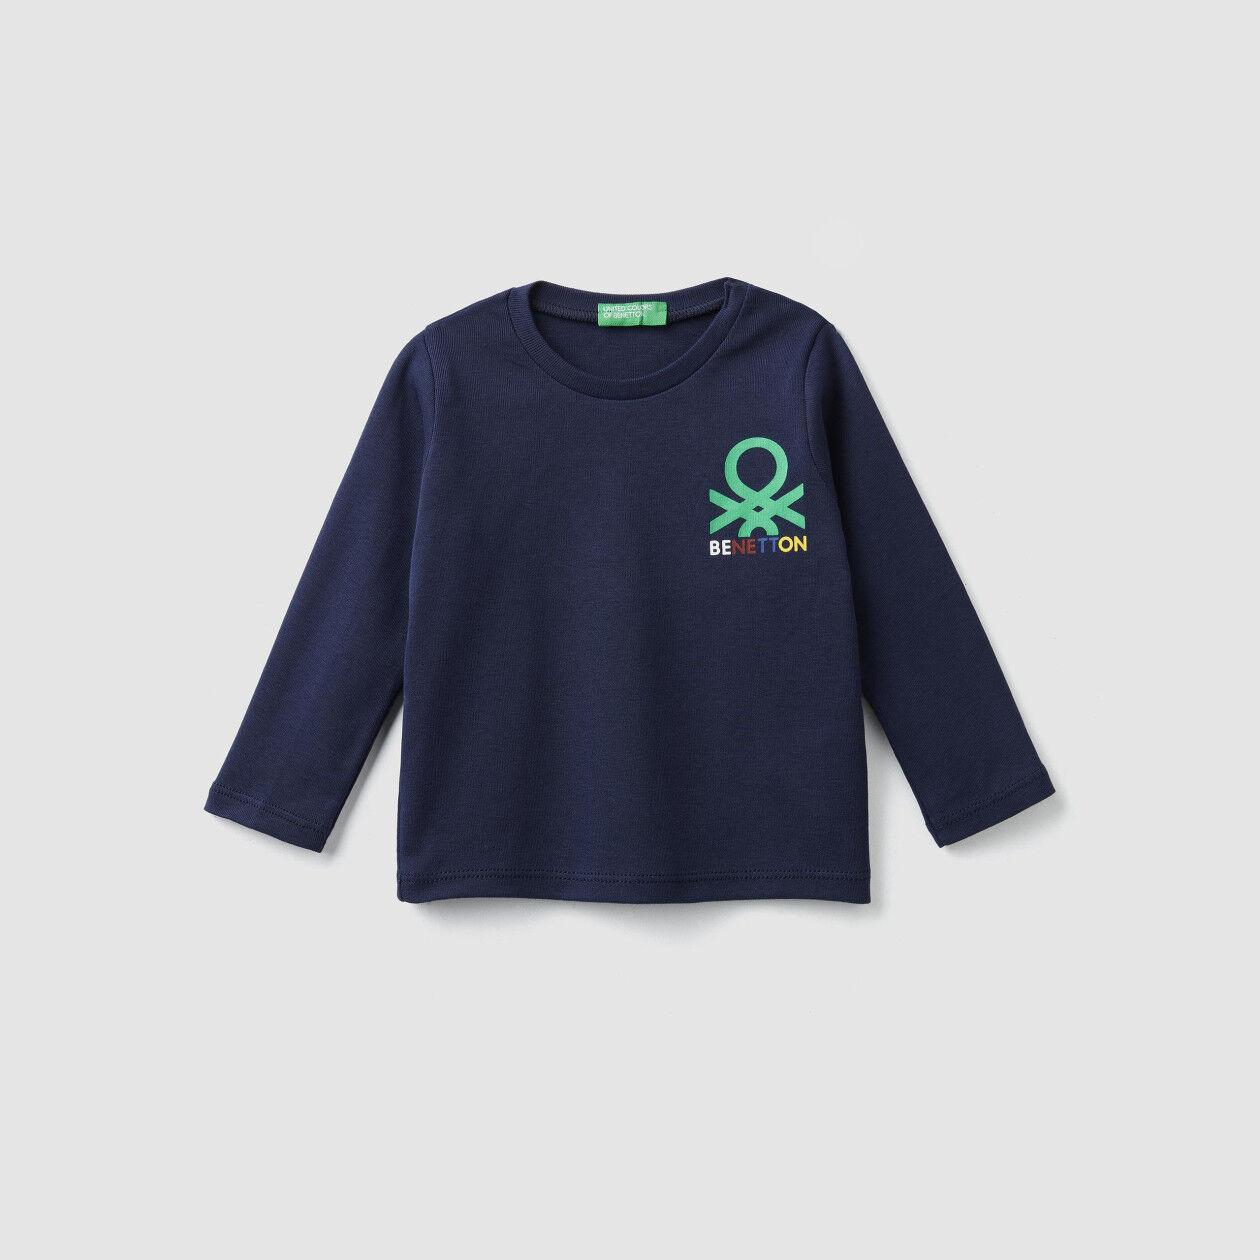 Camiseta acanalada con estampado de logotipo